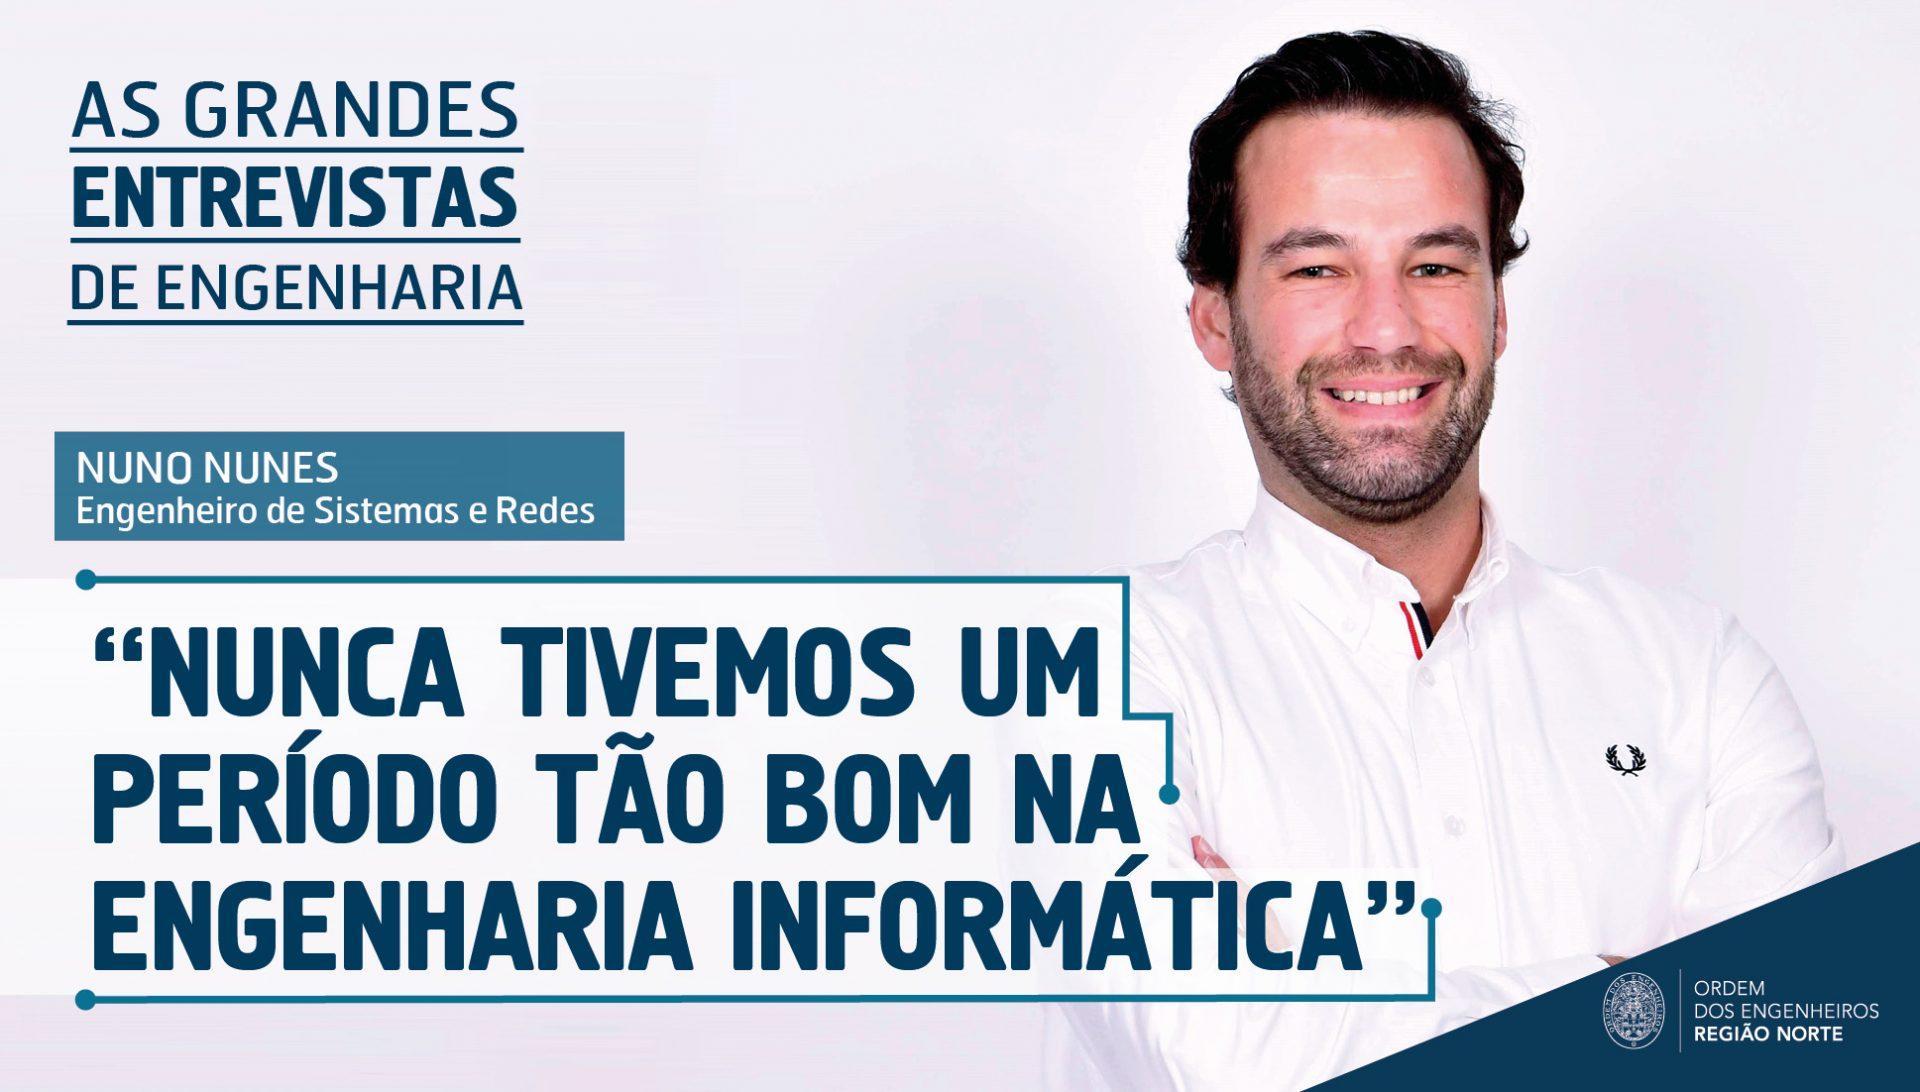 Plataforma Notícias Ordem Engenheiros Região Norte - Grandes Entrevistas de Engenharia com… Nuno Nunes